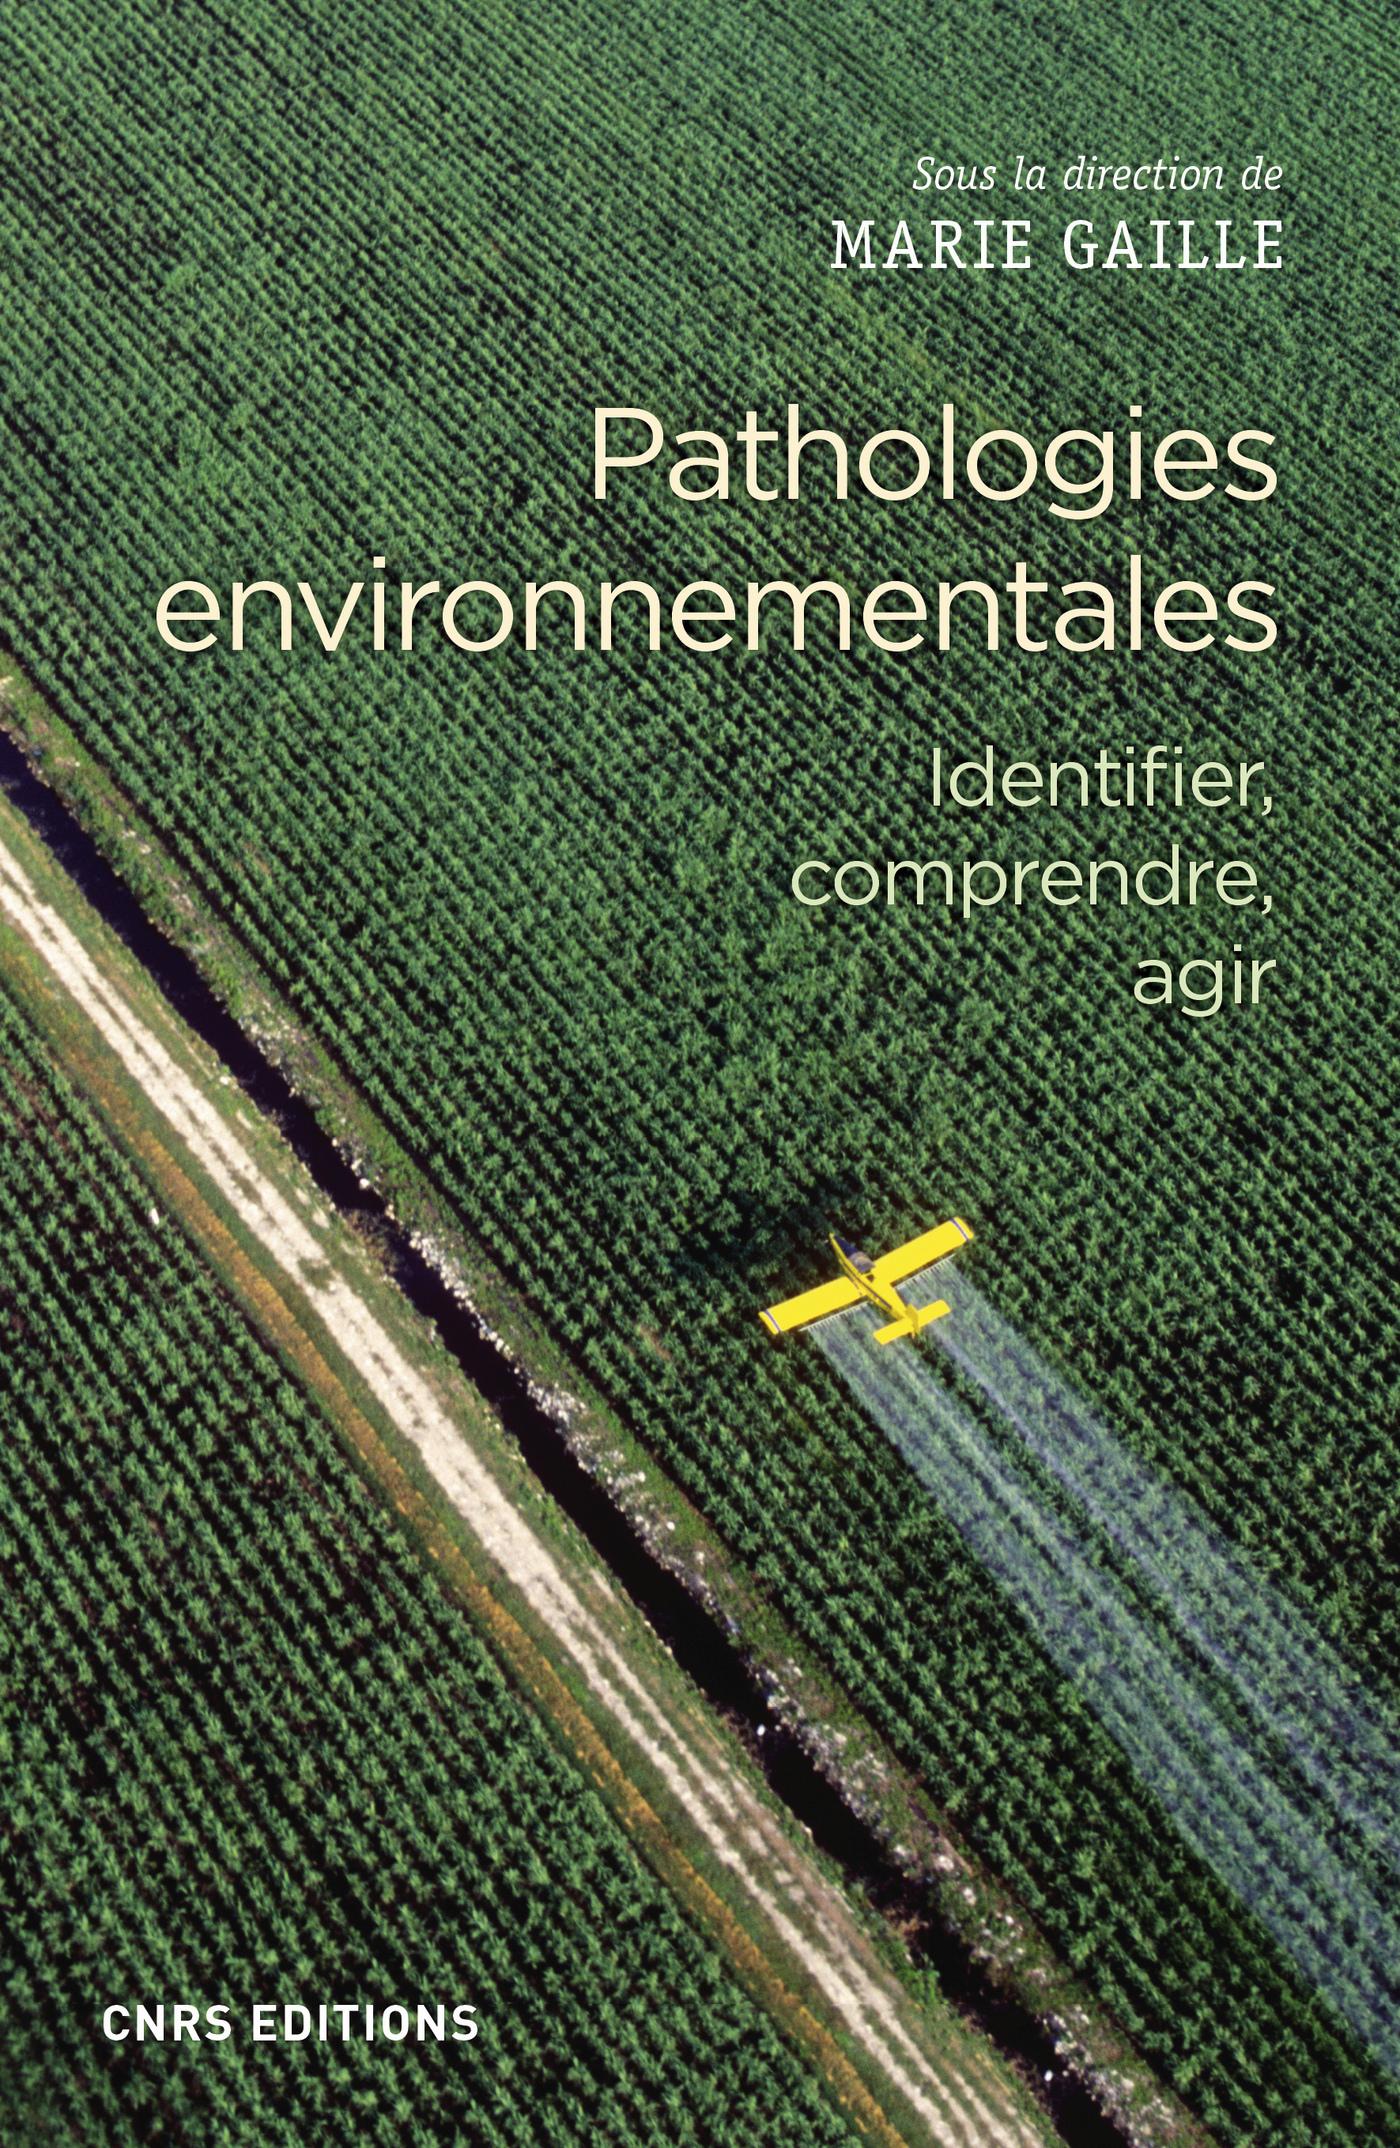 Pathologies environnementales - Identifier, comprendre, agir